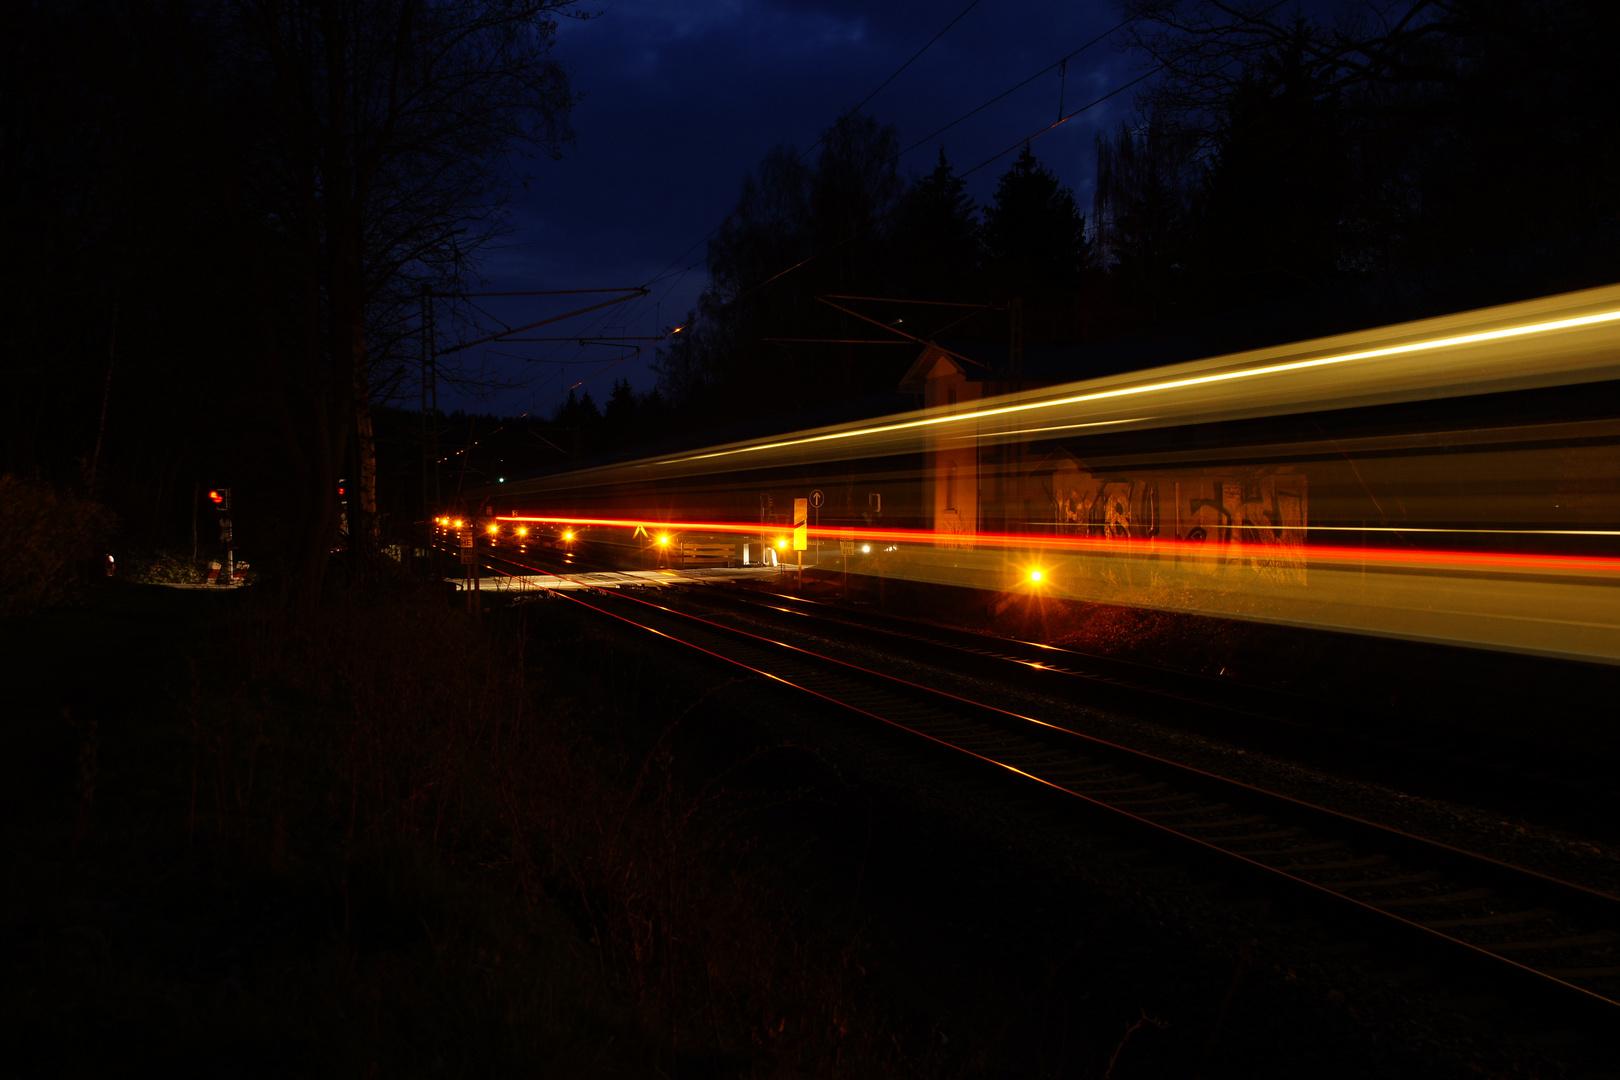 when a train passes